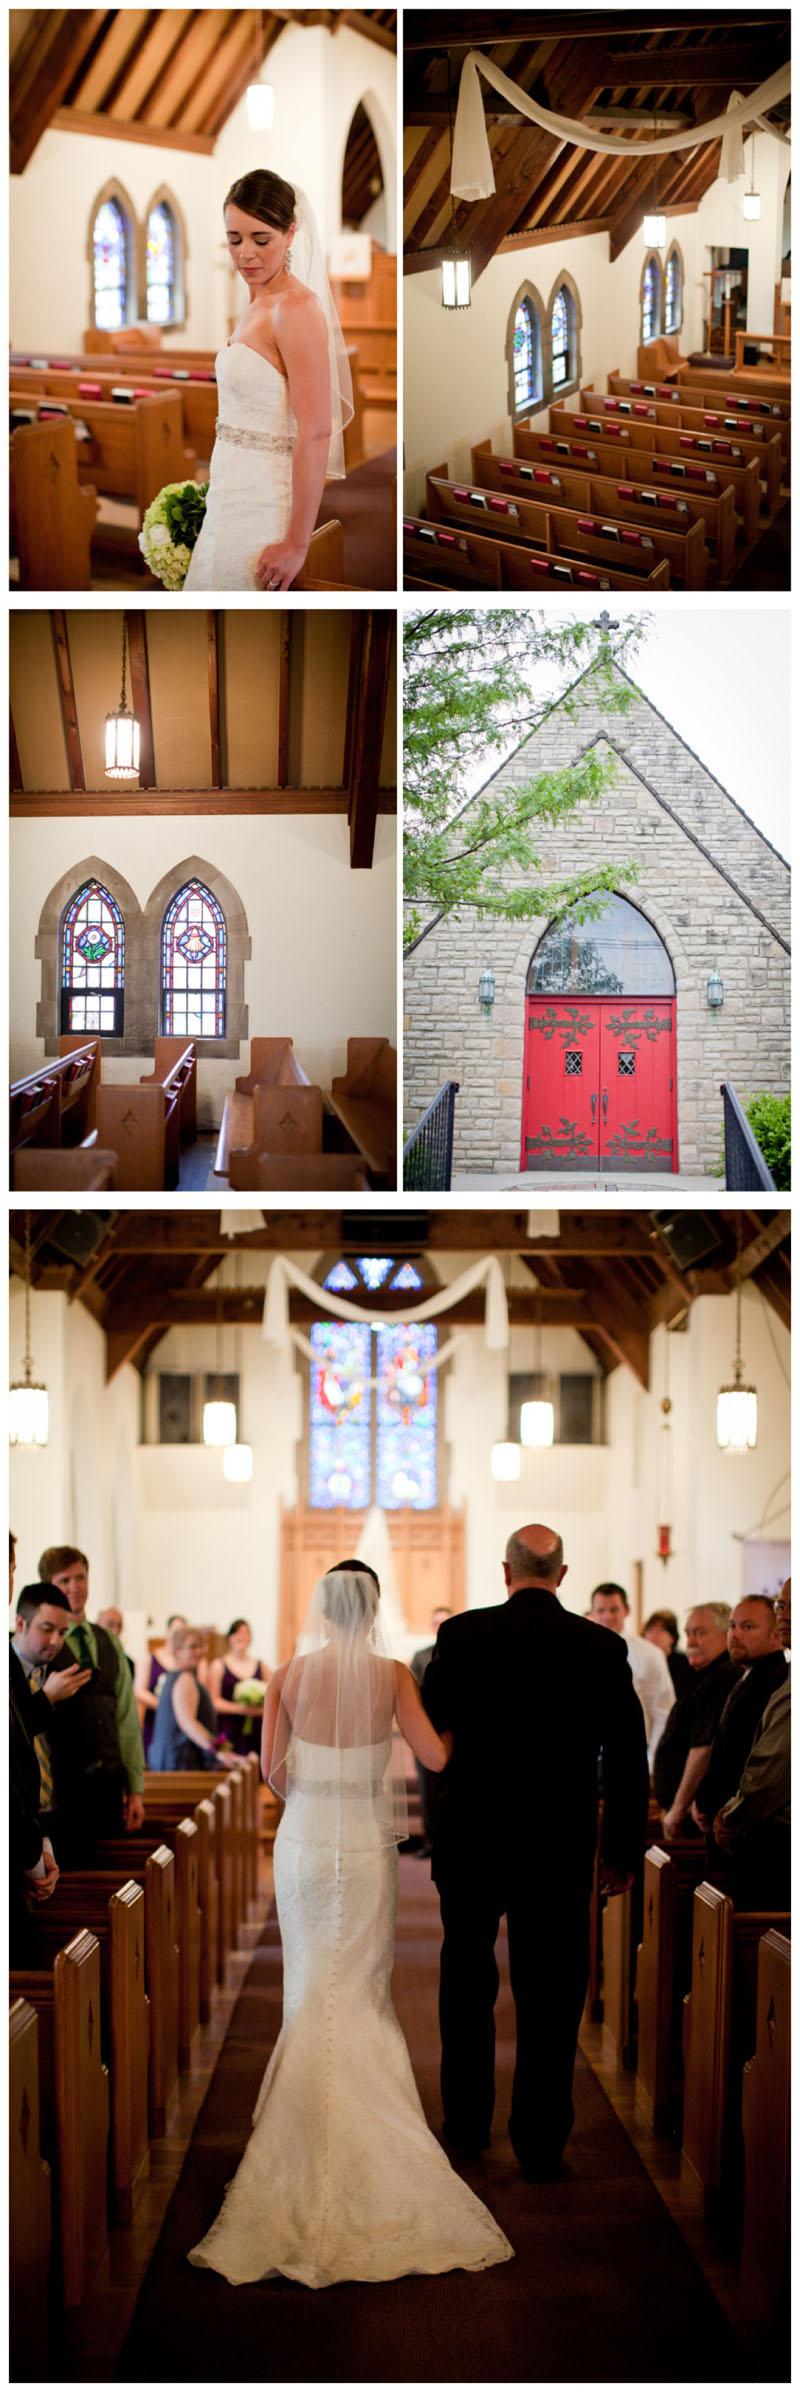 LilyGlassPhotography_Columbus Ohio Wedding Photography03.jpg